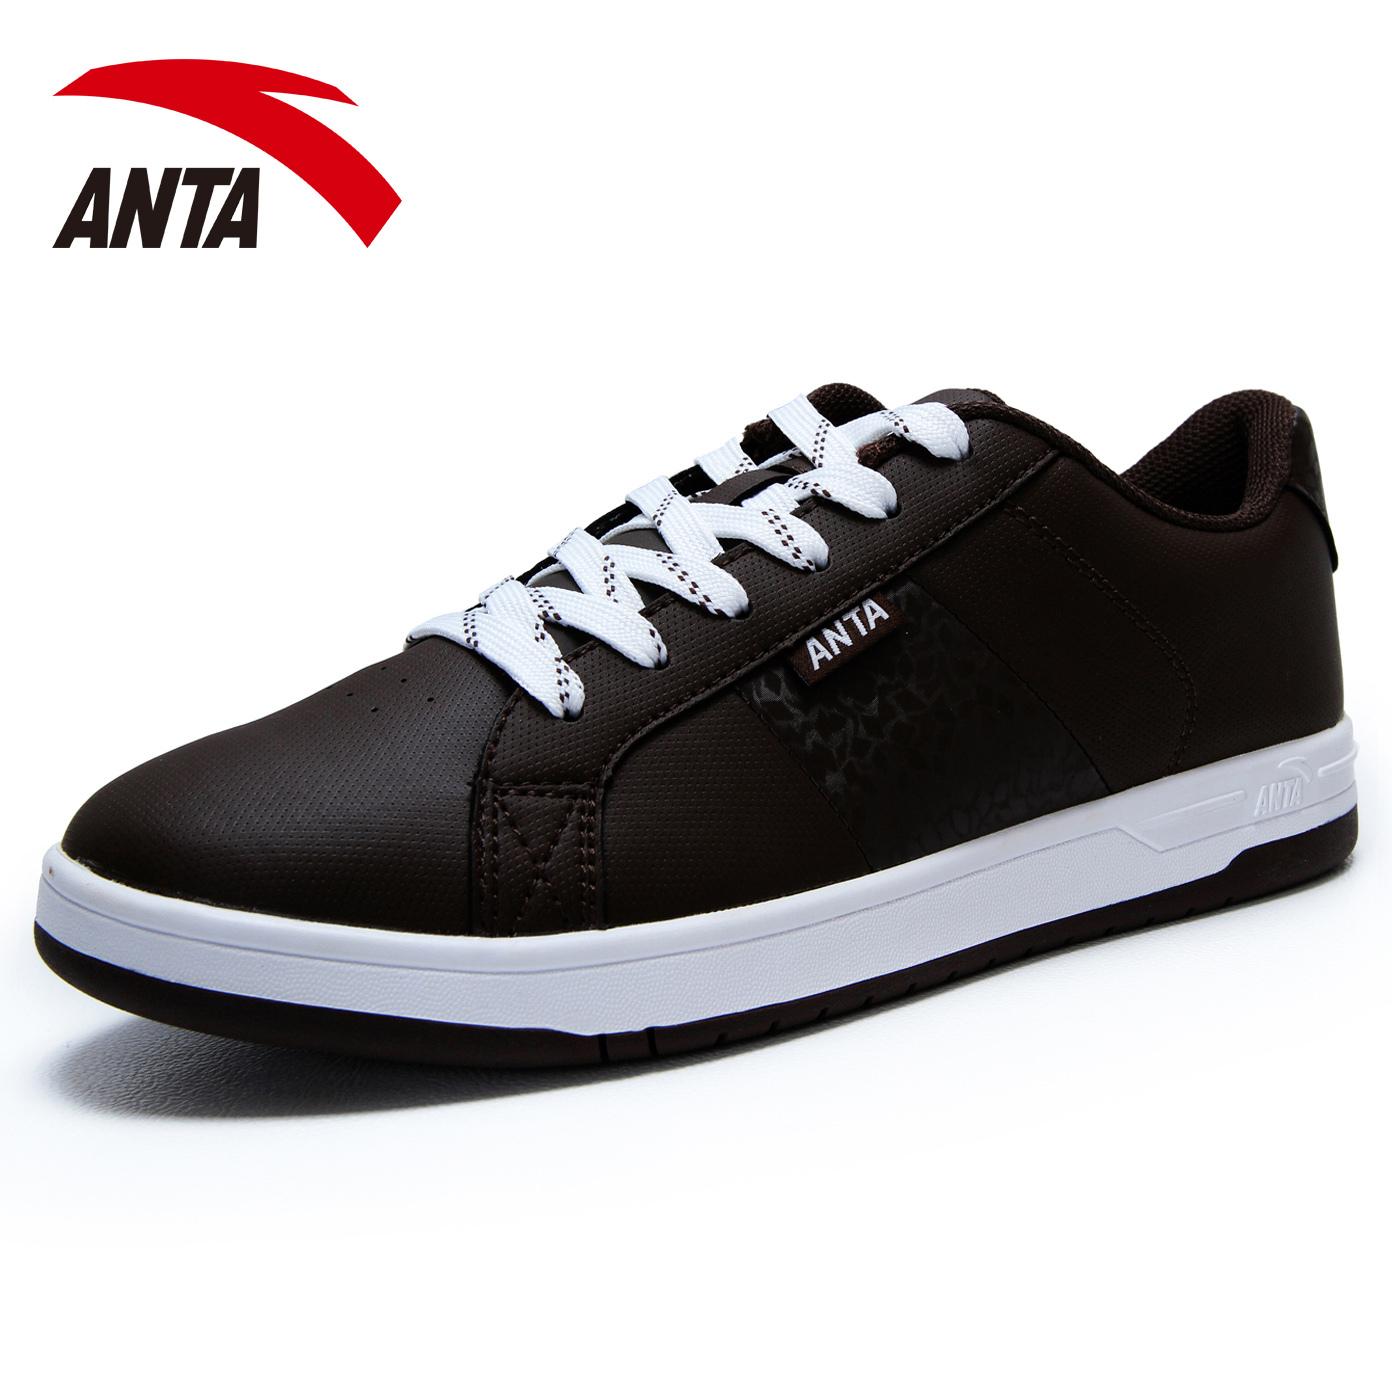 Зима ANTA скейтбординг обувь вилочная часть свободного покроя обувь спорт обувь 61242024